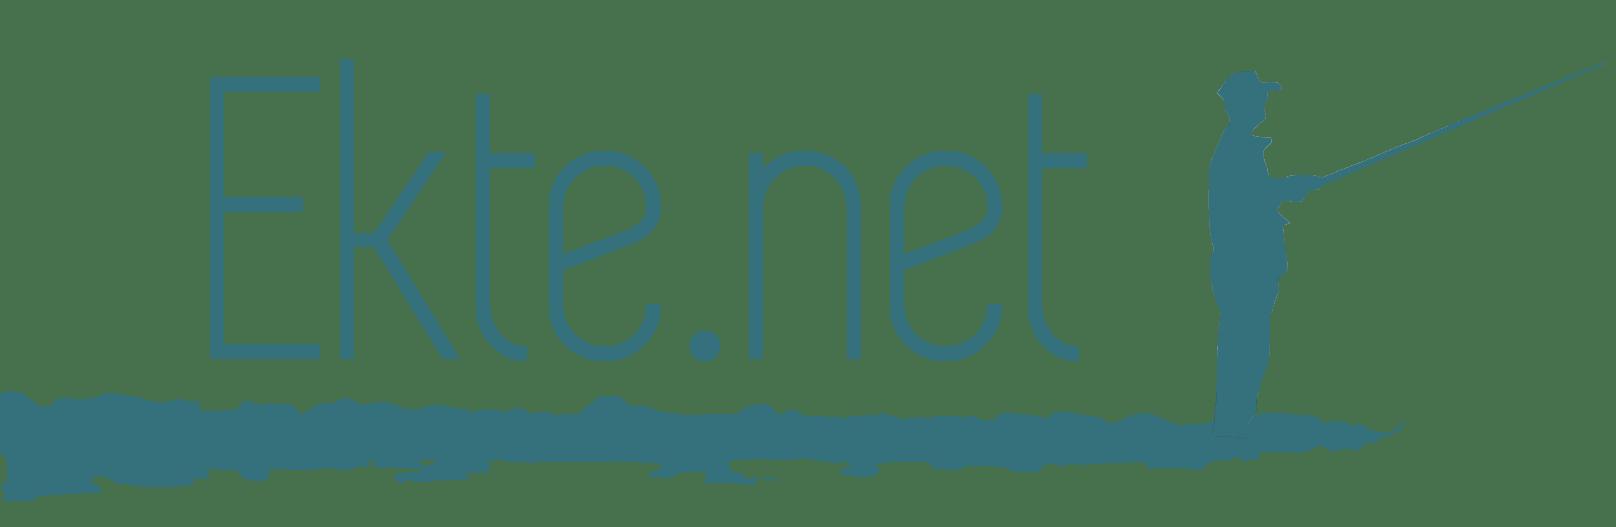 Ekte.net